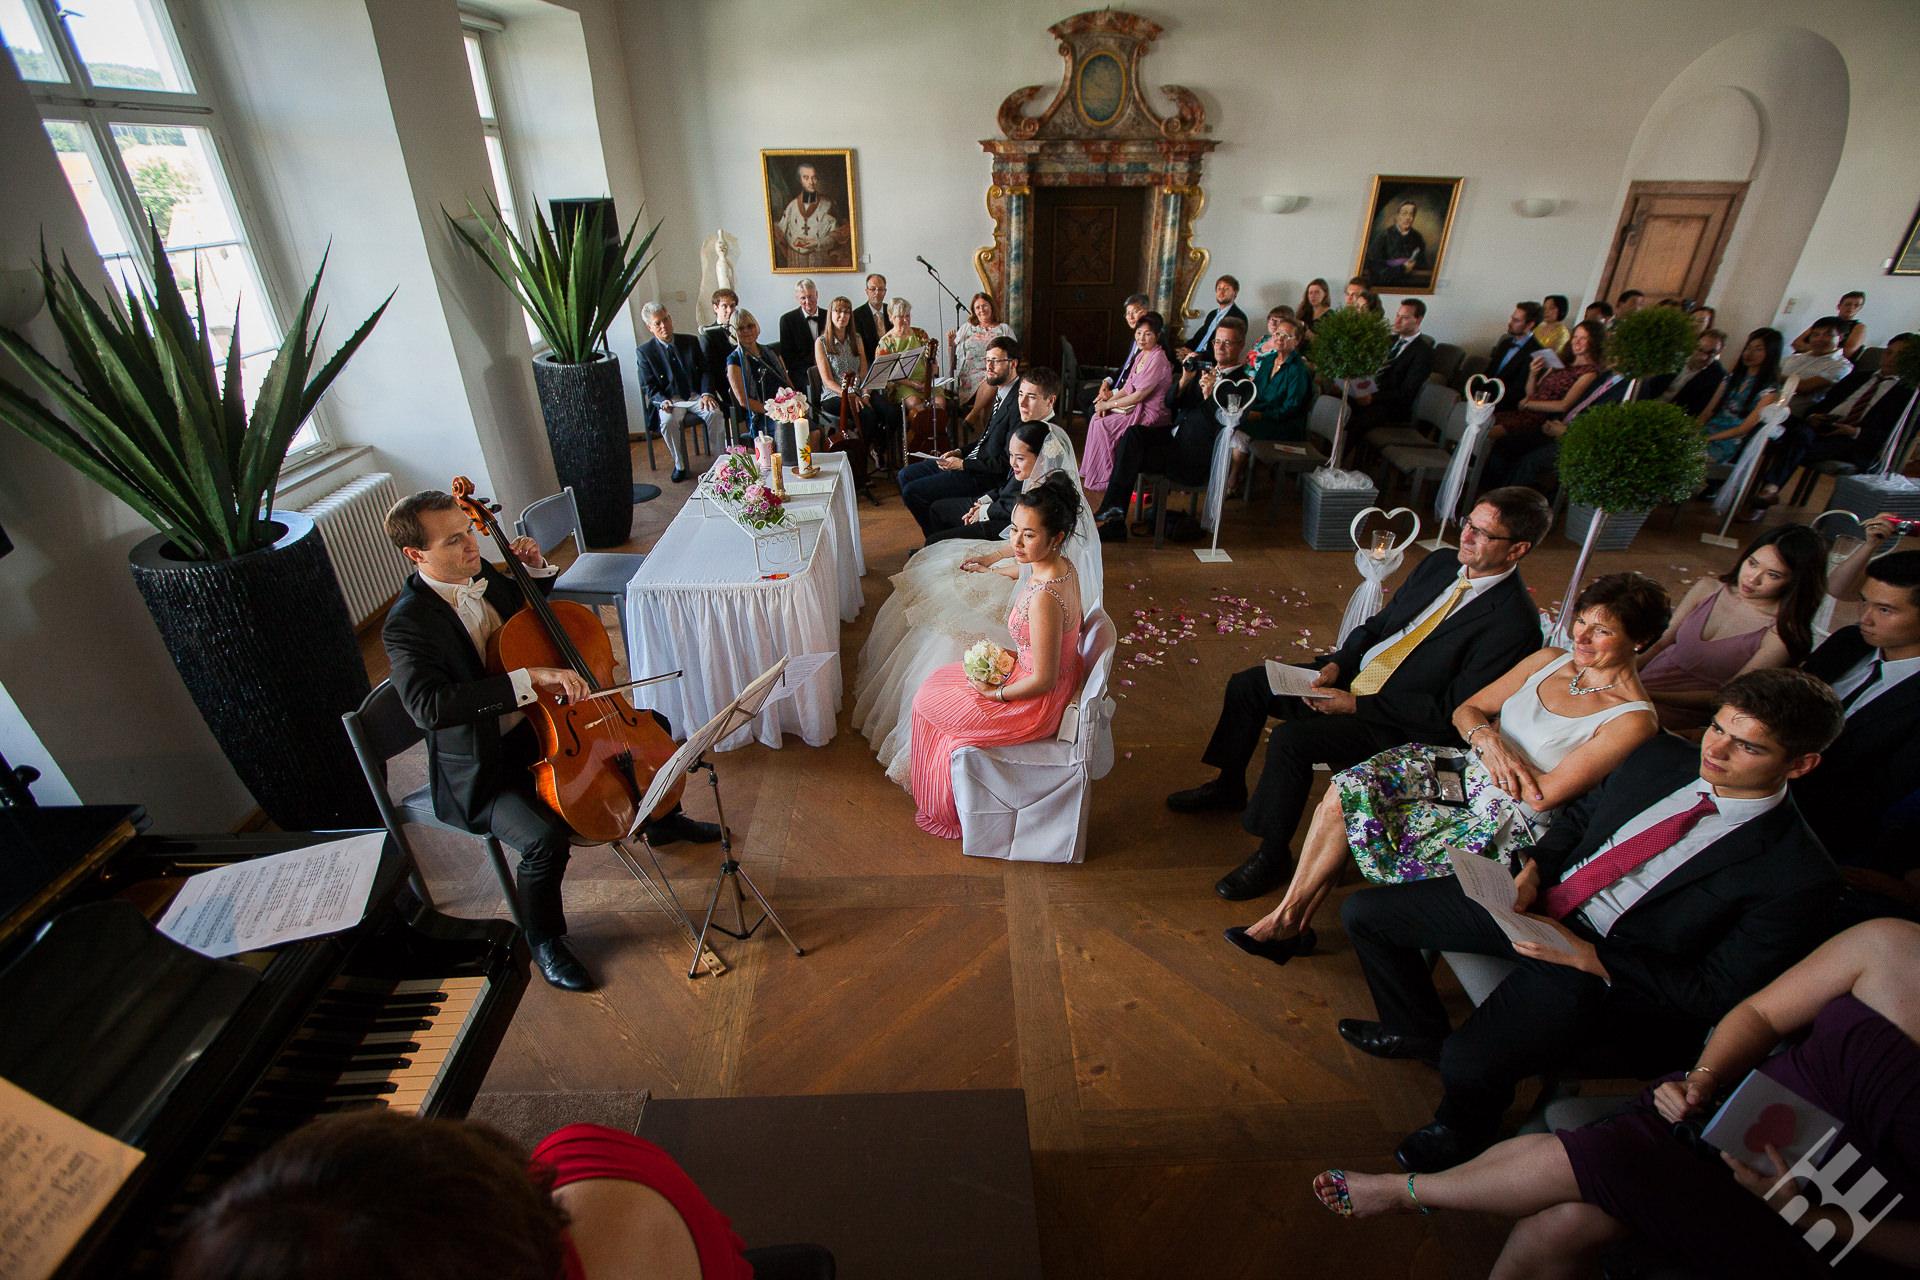 Hochzeit_45_IMG_9395_Volen_Evtimov